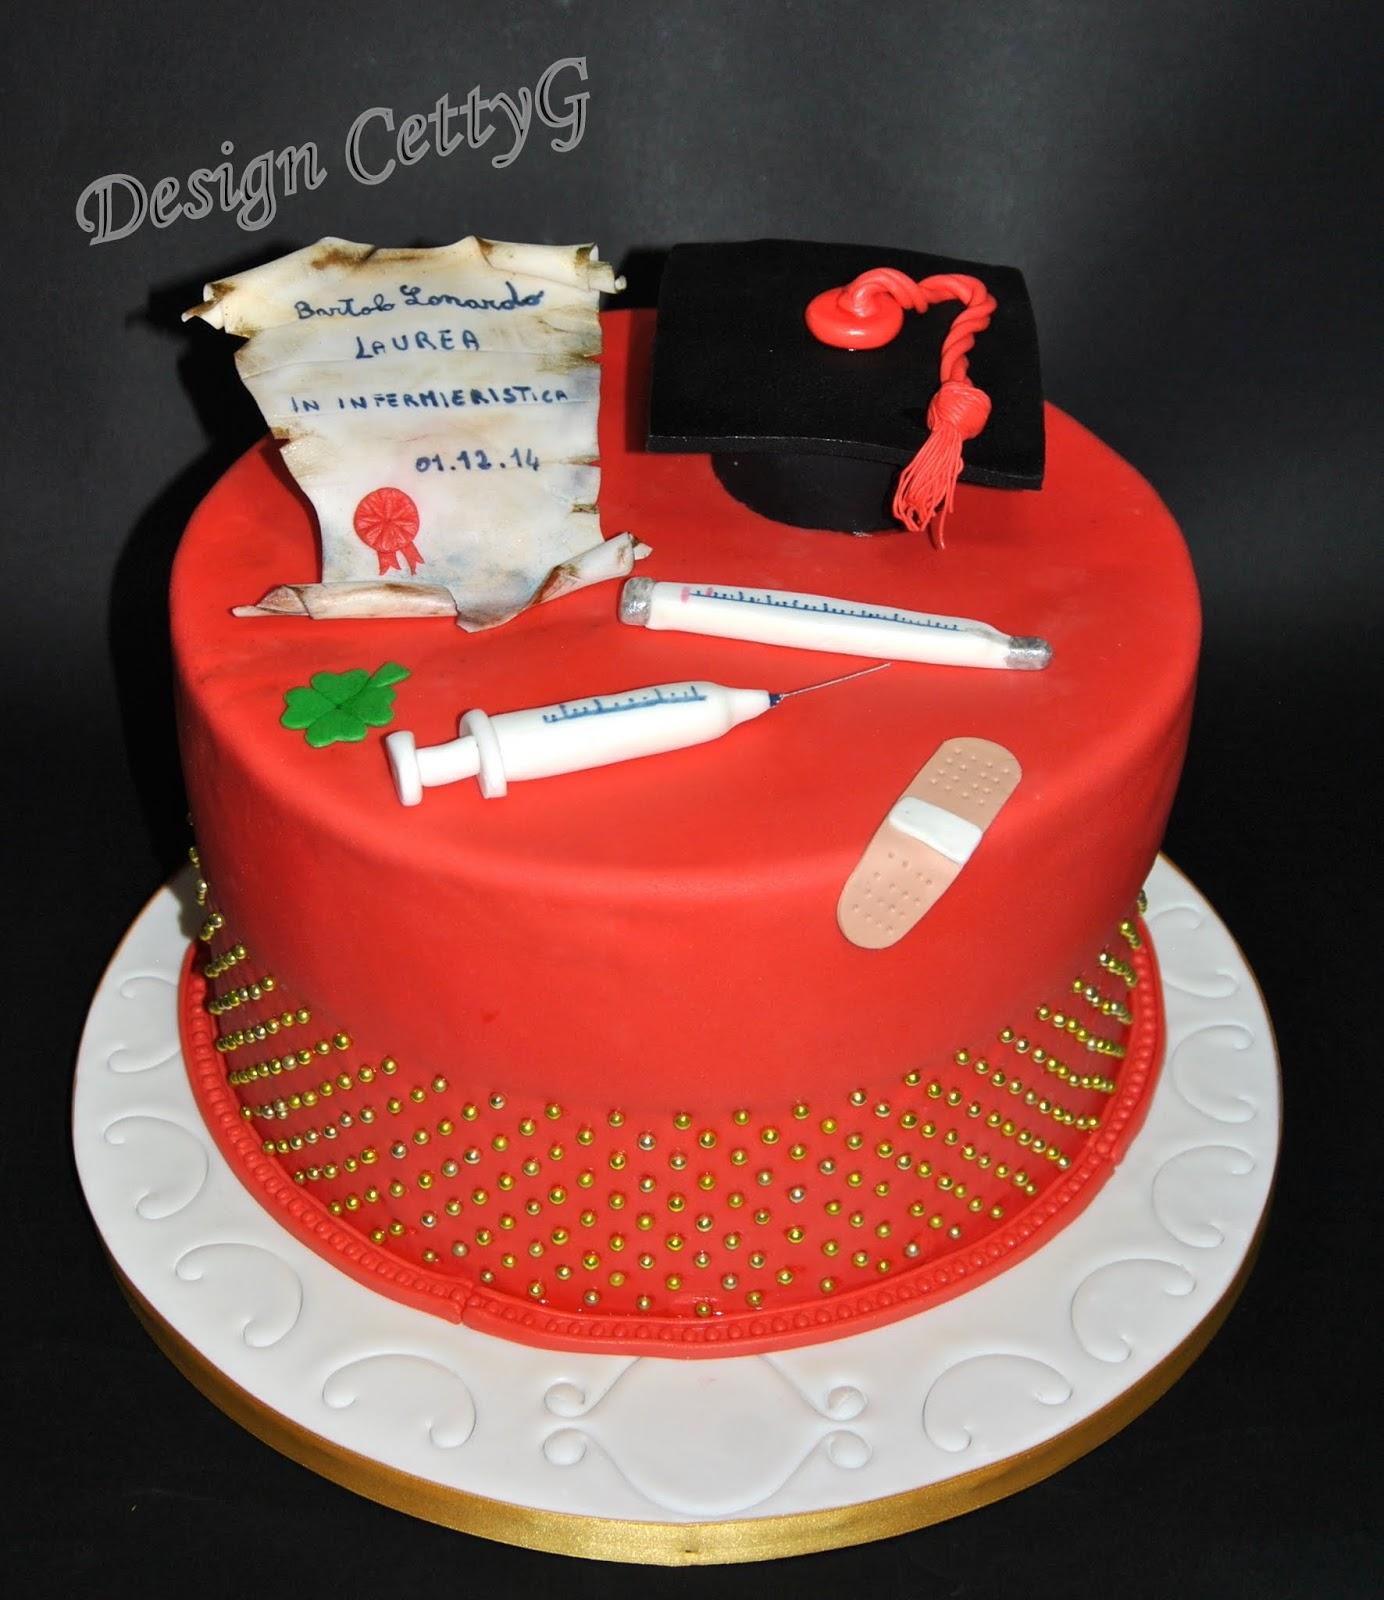 Molto Le torte decorate di Cetty G: Laurea in Infermieristica cake. CM88